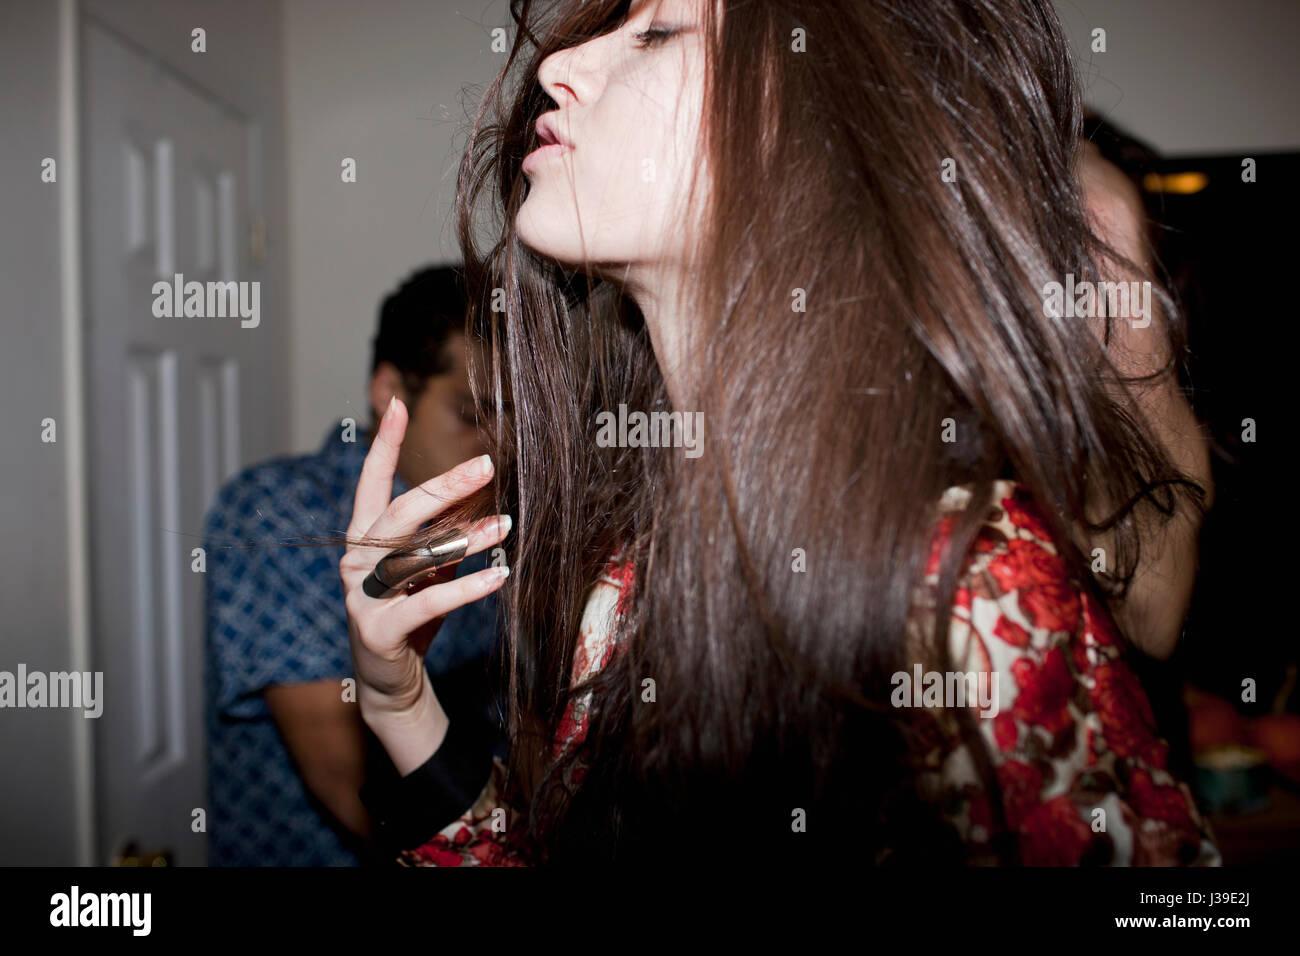 Mujer joven bailando en una fiesta Imagen De Stock